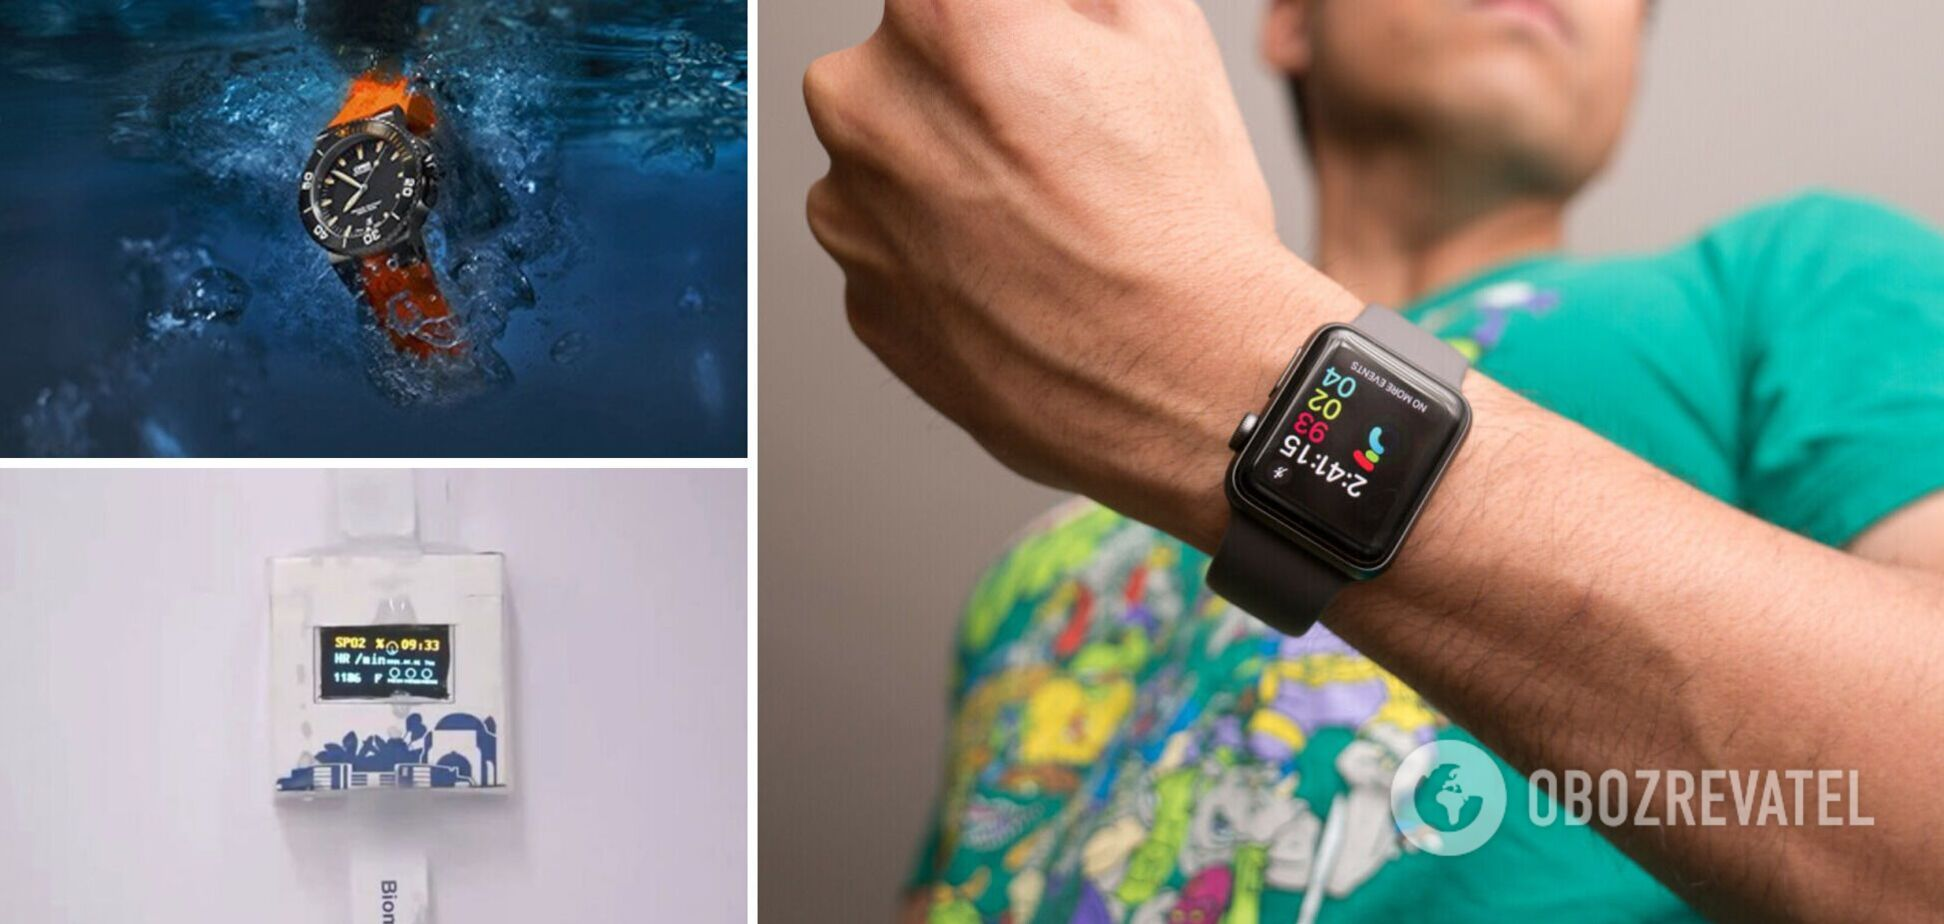 Створено 'розумний' годинник, який повністю розчиняється у воді: вчені пояснили ідею